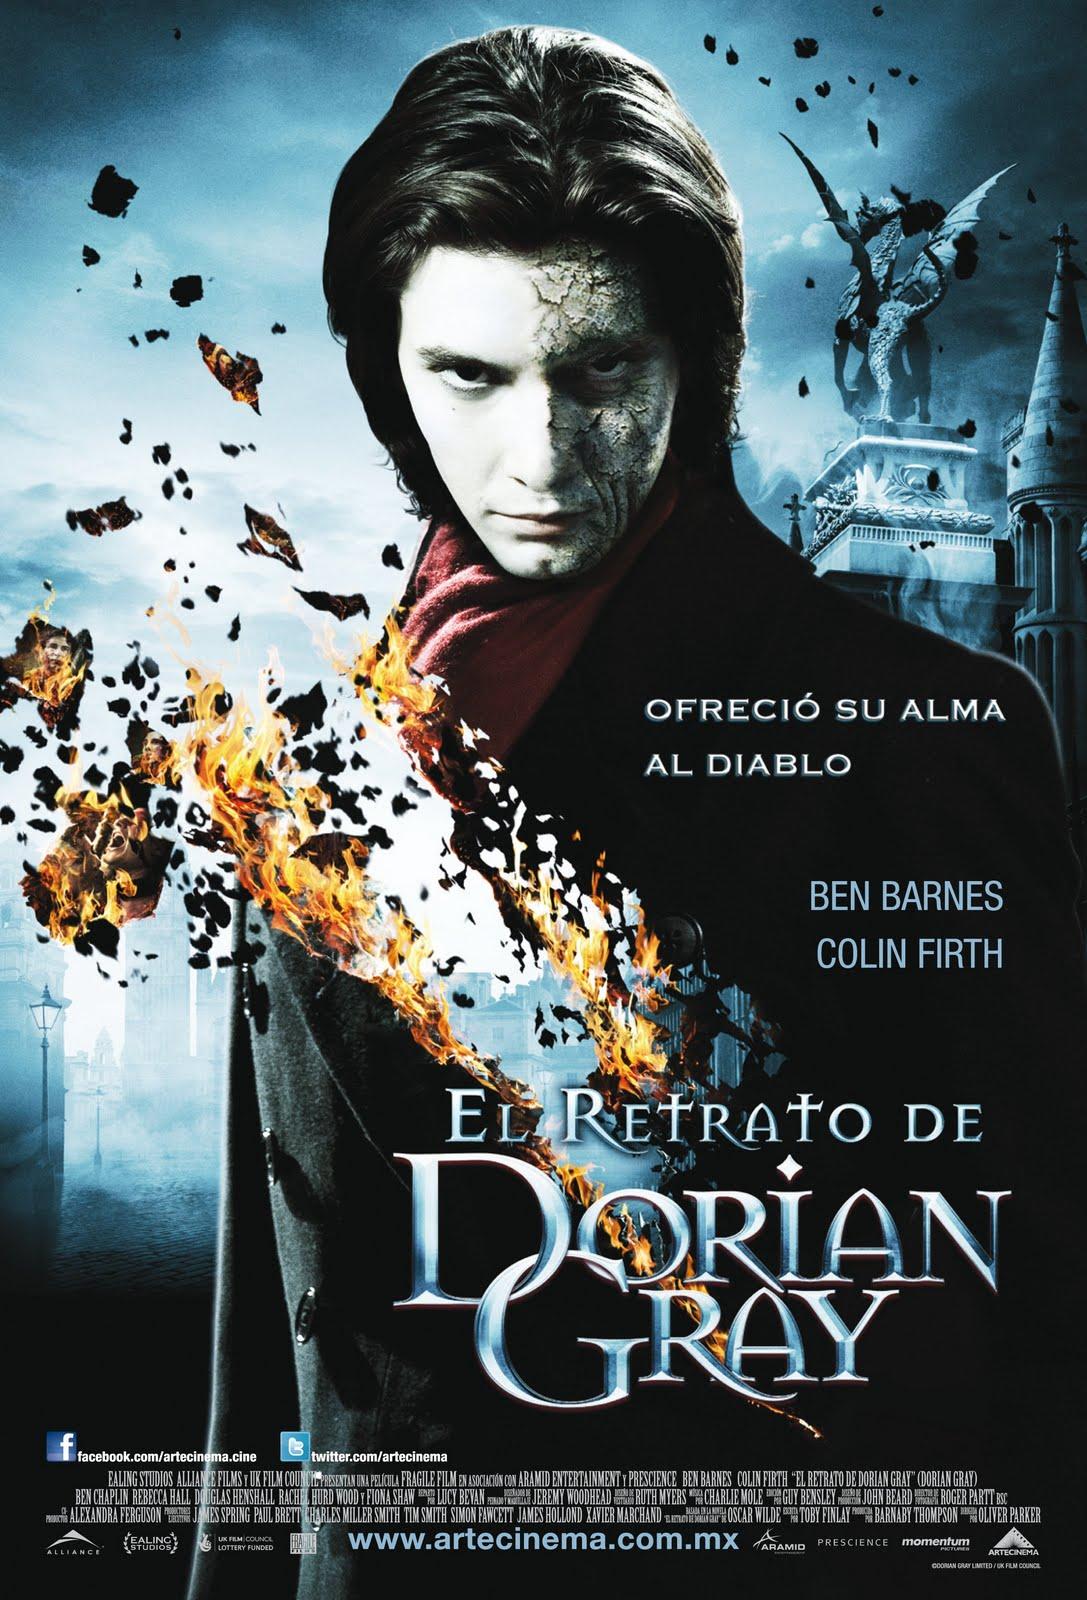 http://3.bp.blogspot.com/_RUn8Cu-qaVE/TD6TpsAkwjI/AAAAAAAAAk8/H4fz3D_mOLg/s1600/Dorian%2BGray%2Bposter.jpg